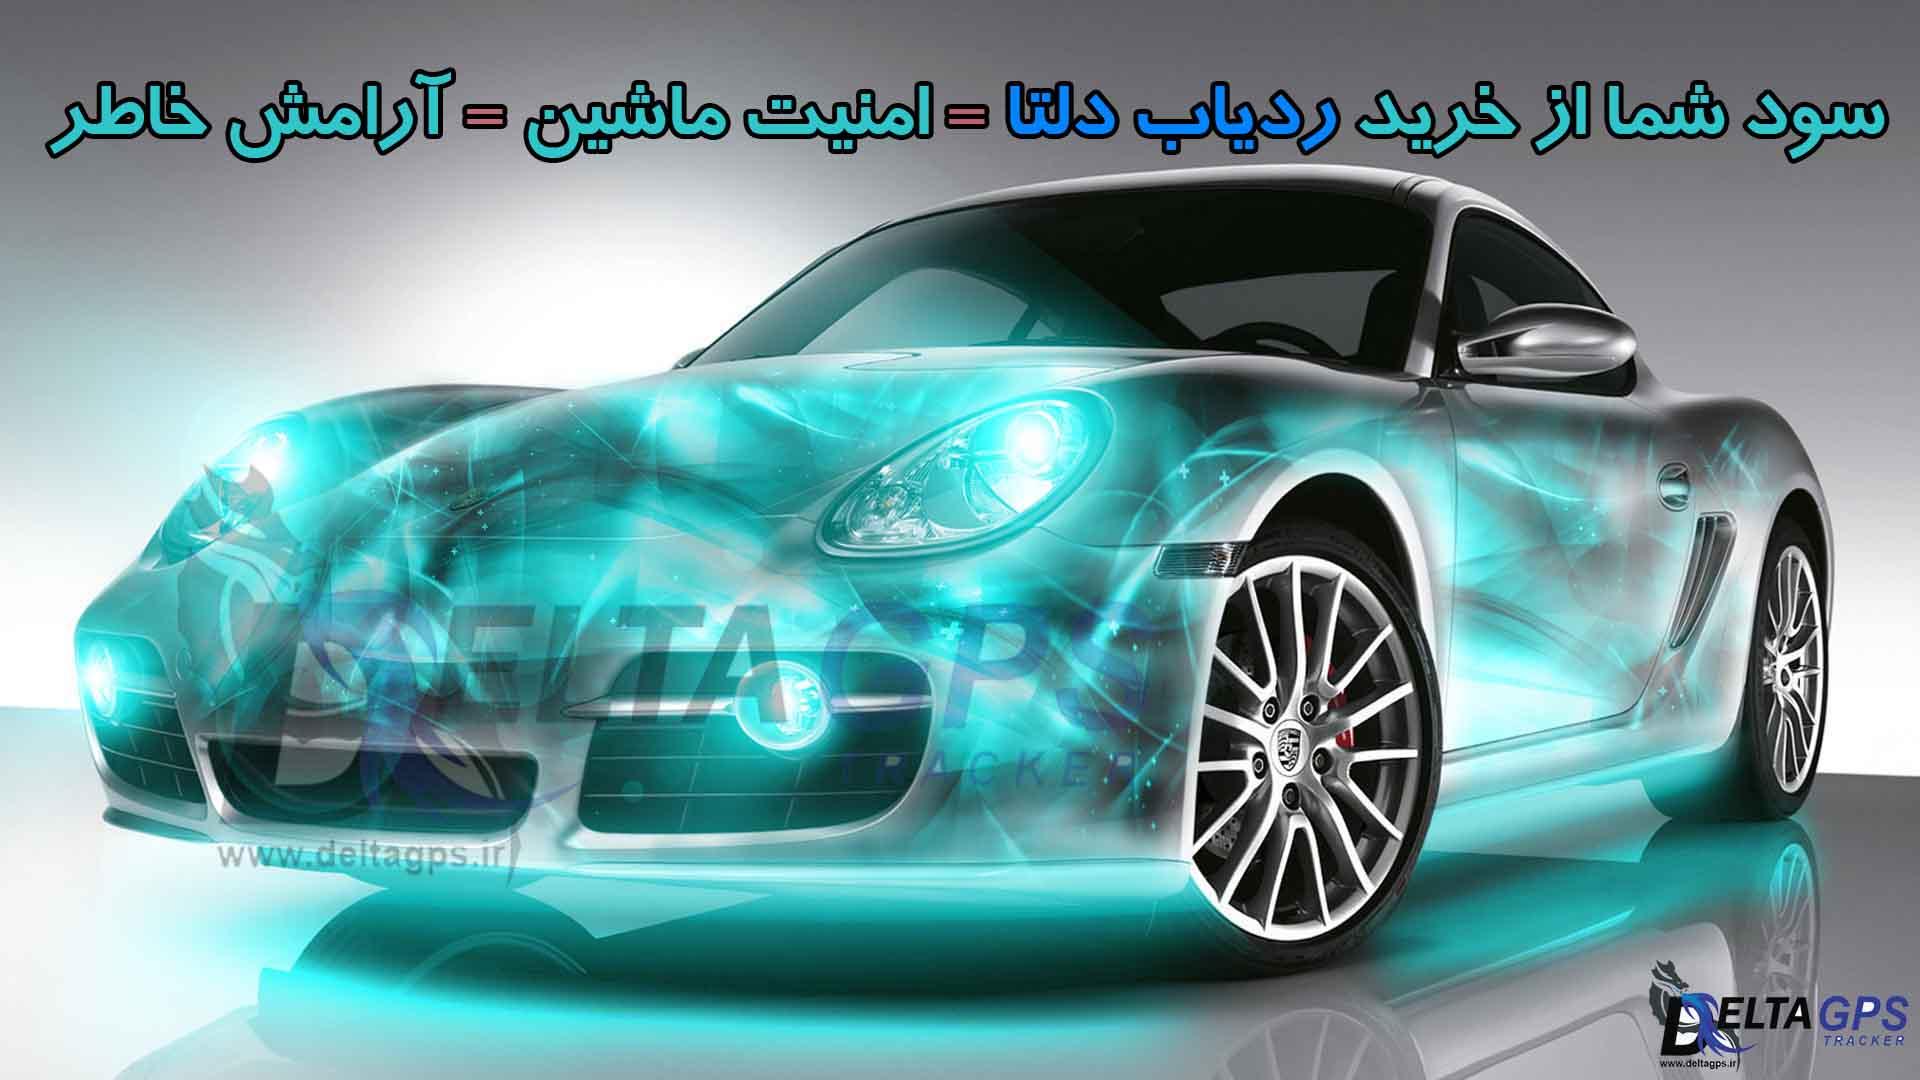 بهترین جی پی اس ردیاب خودرو,دلتا جی پی اس,gps,avl,ارزانترین ردیاب , deltagps